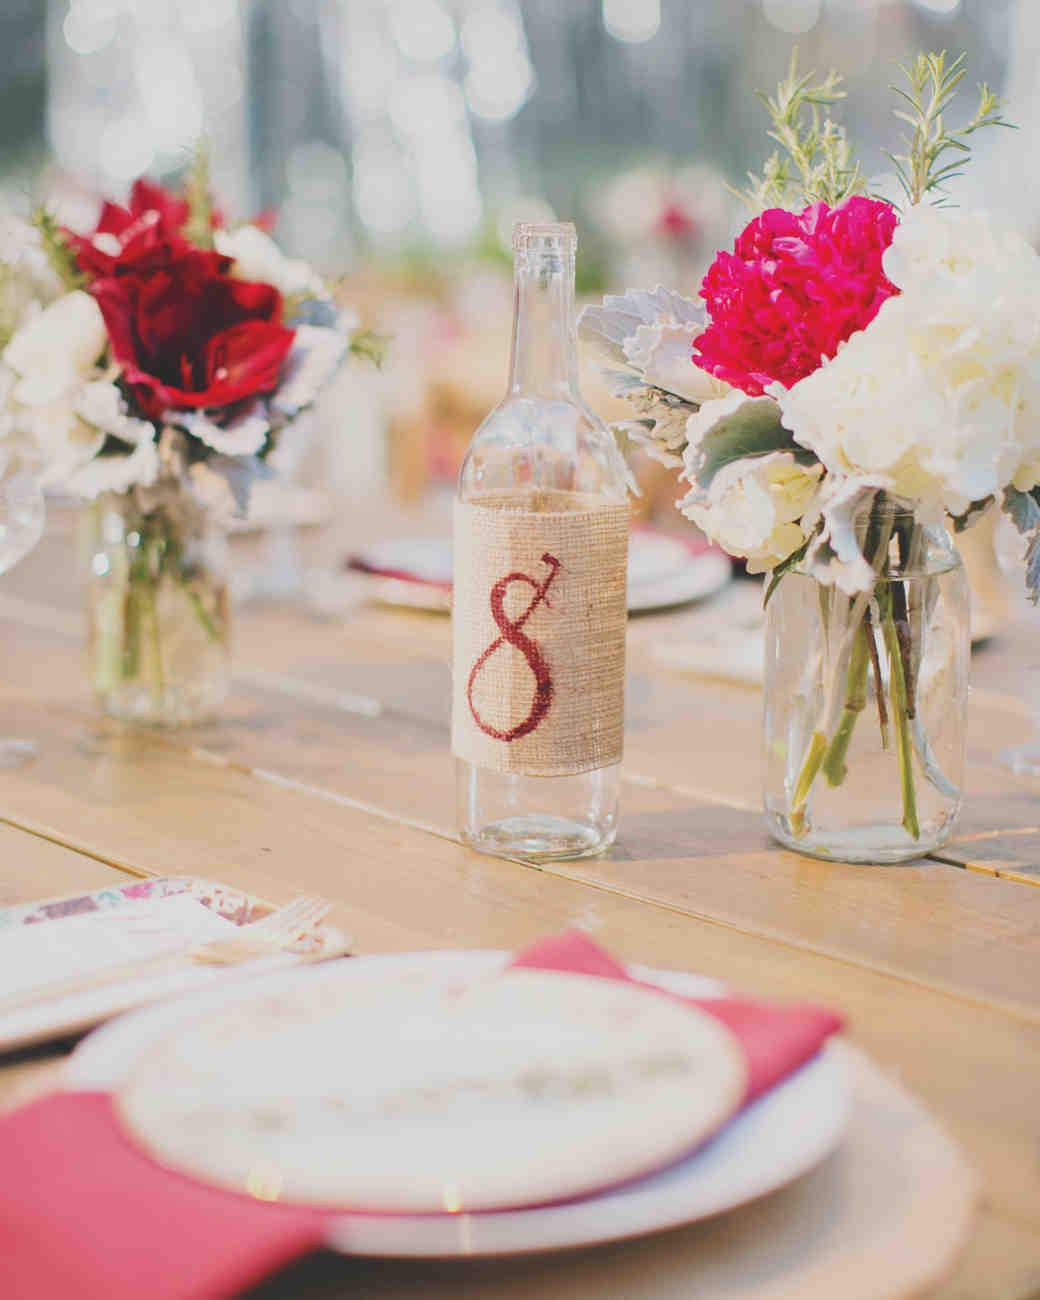 Nápady na číslovanie svadobných stolov - Obrázok č. 75